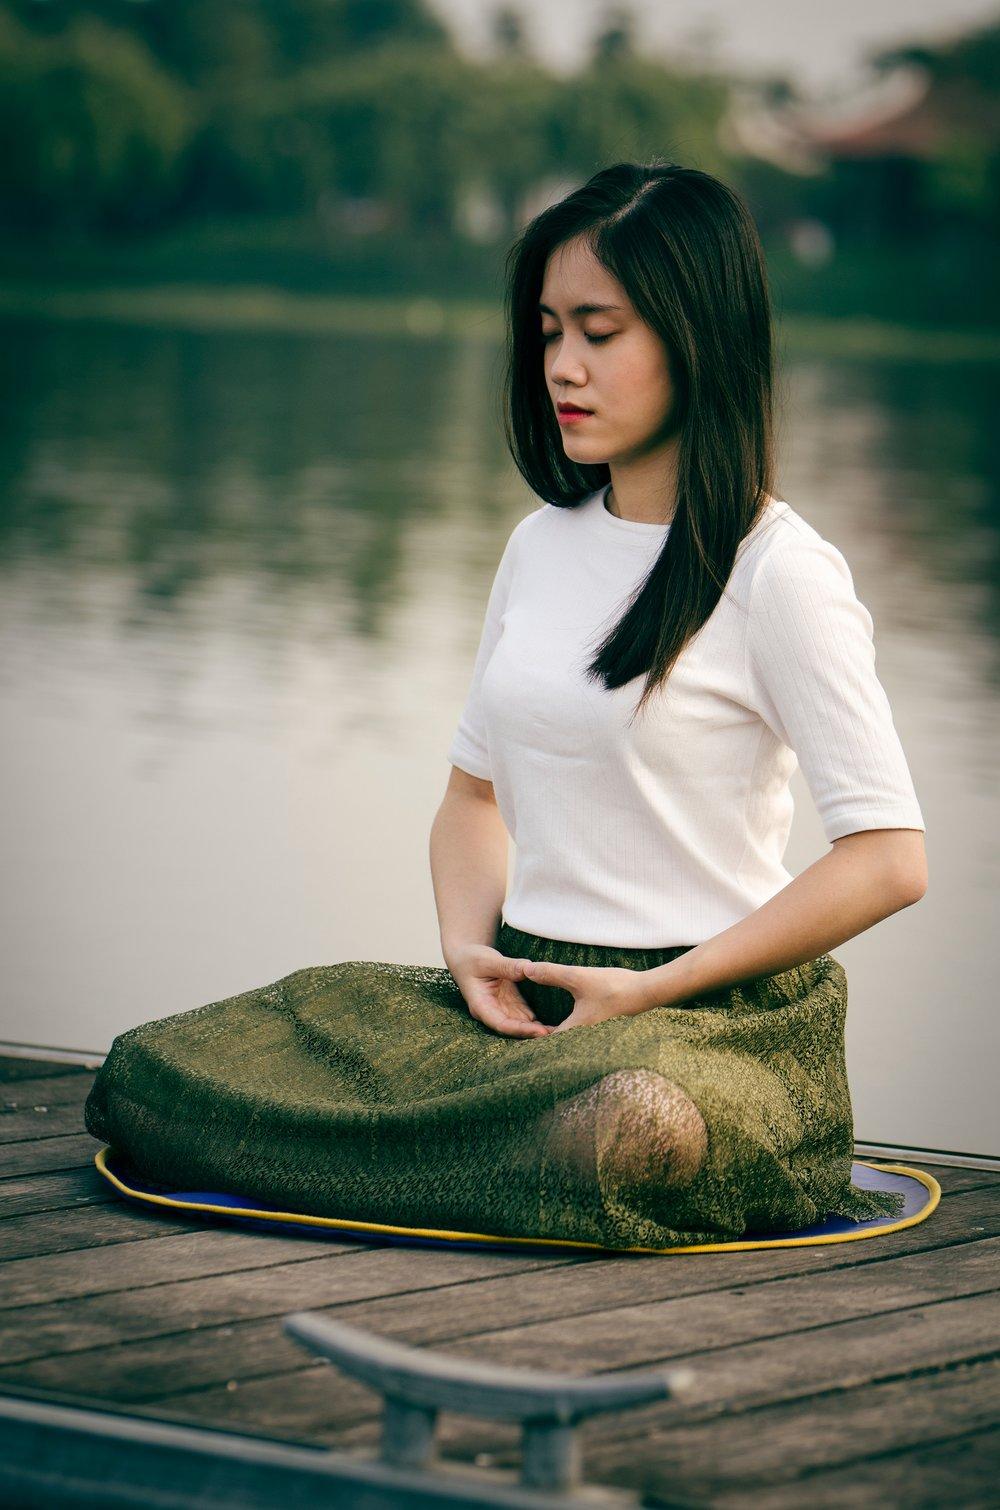 7-day-wellbeing-challenge-Meditation.jpg